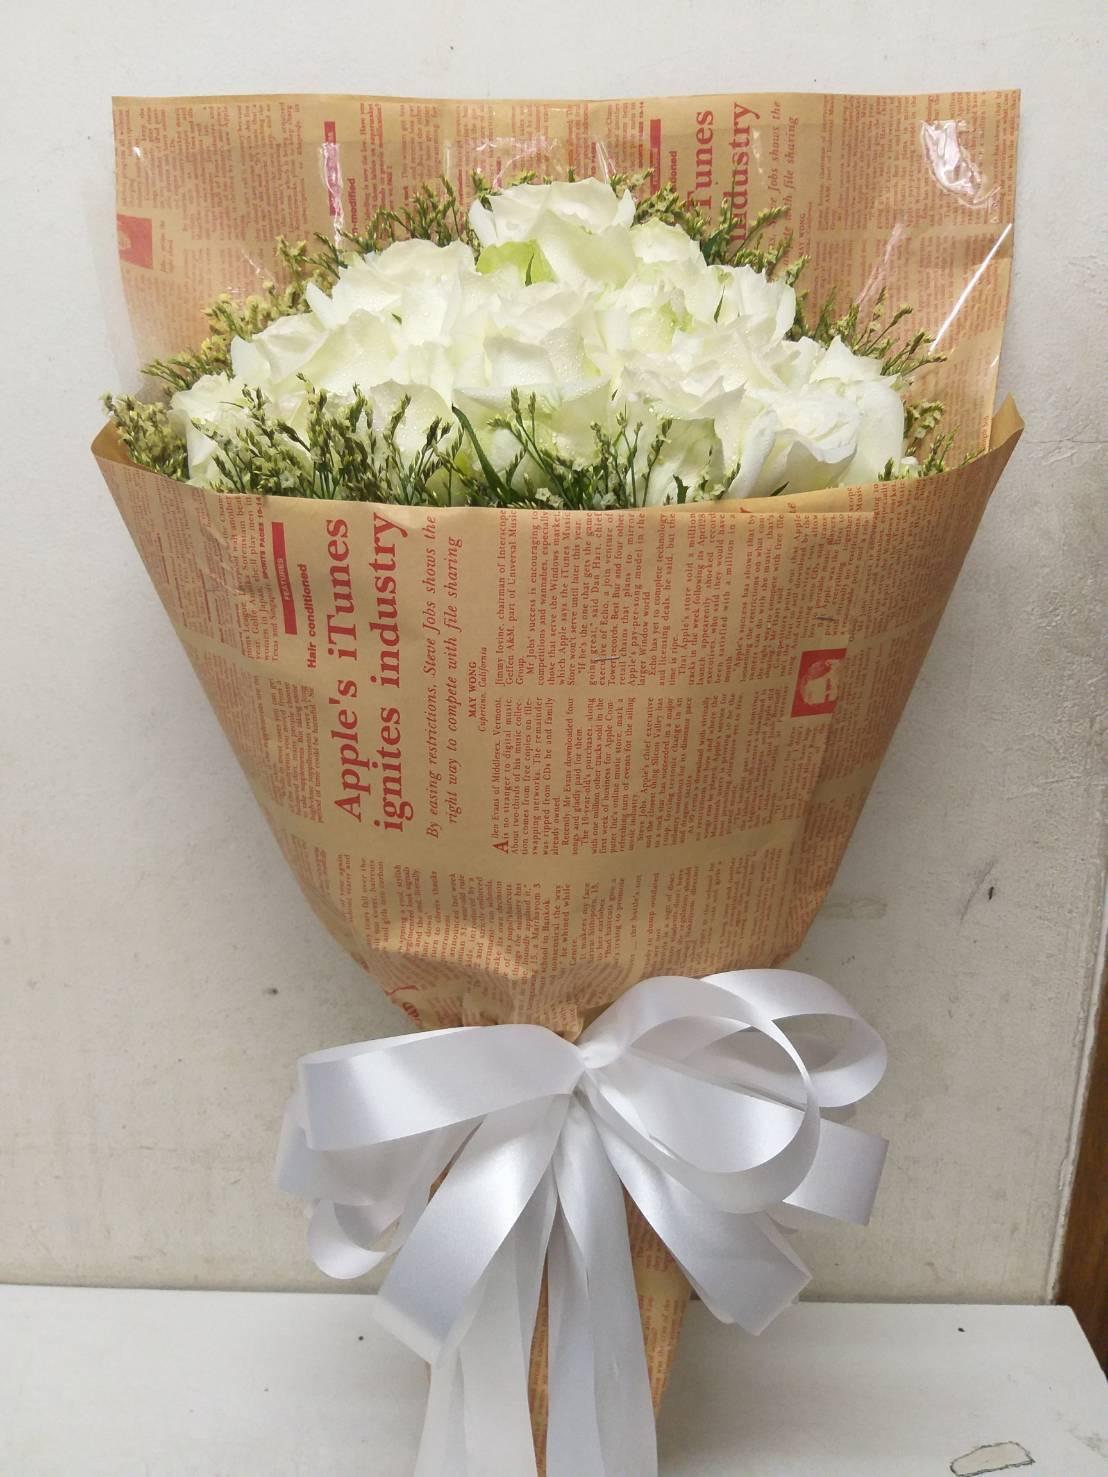 ช่อดอกไม้คลาสสิก จัดตกแต่งด้วยดอกกุหลาบขาวที่สื่อถึงความรักแท้จำนวน 30 ดอก